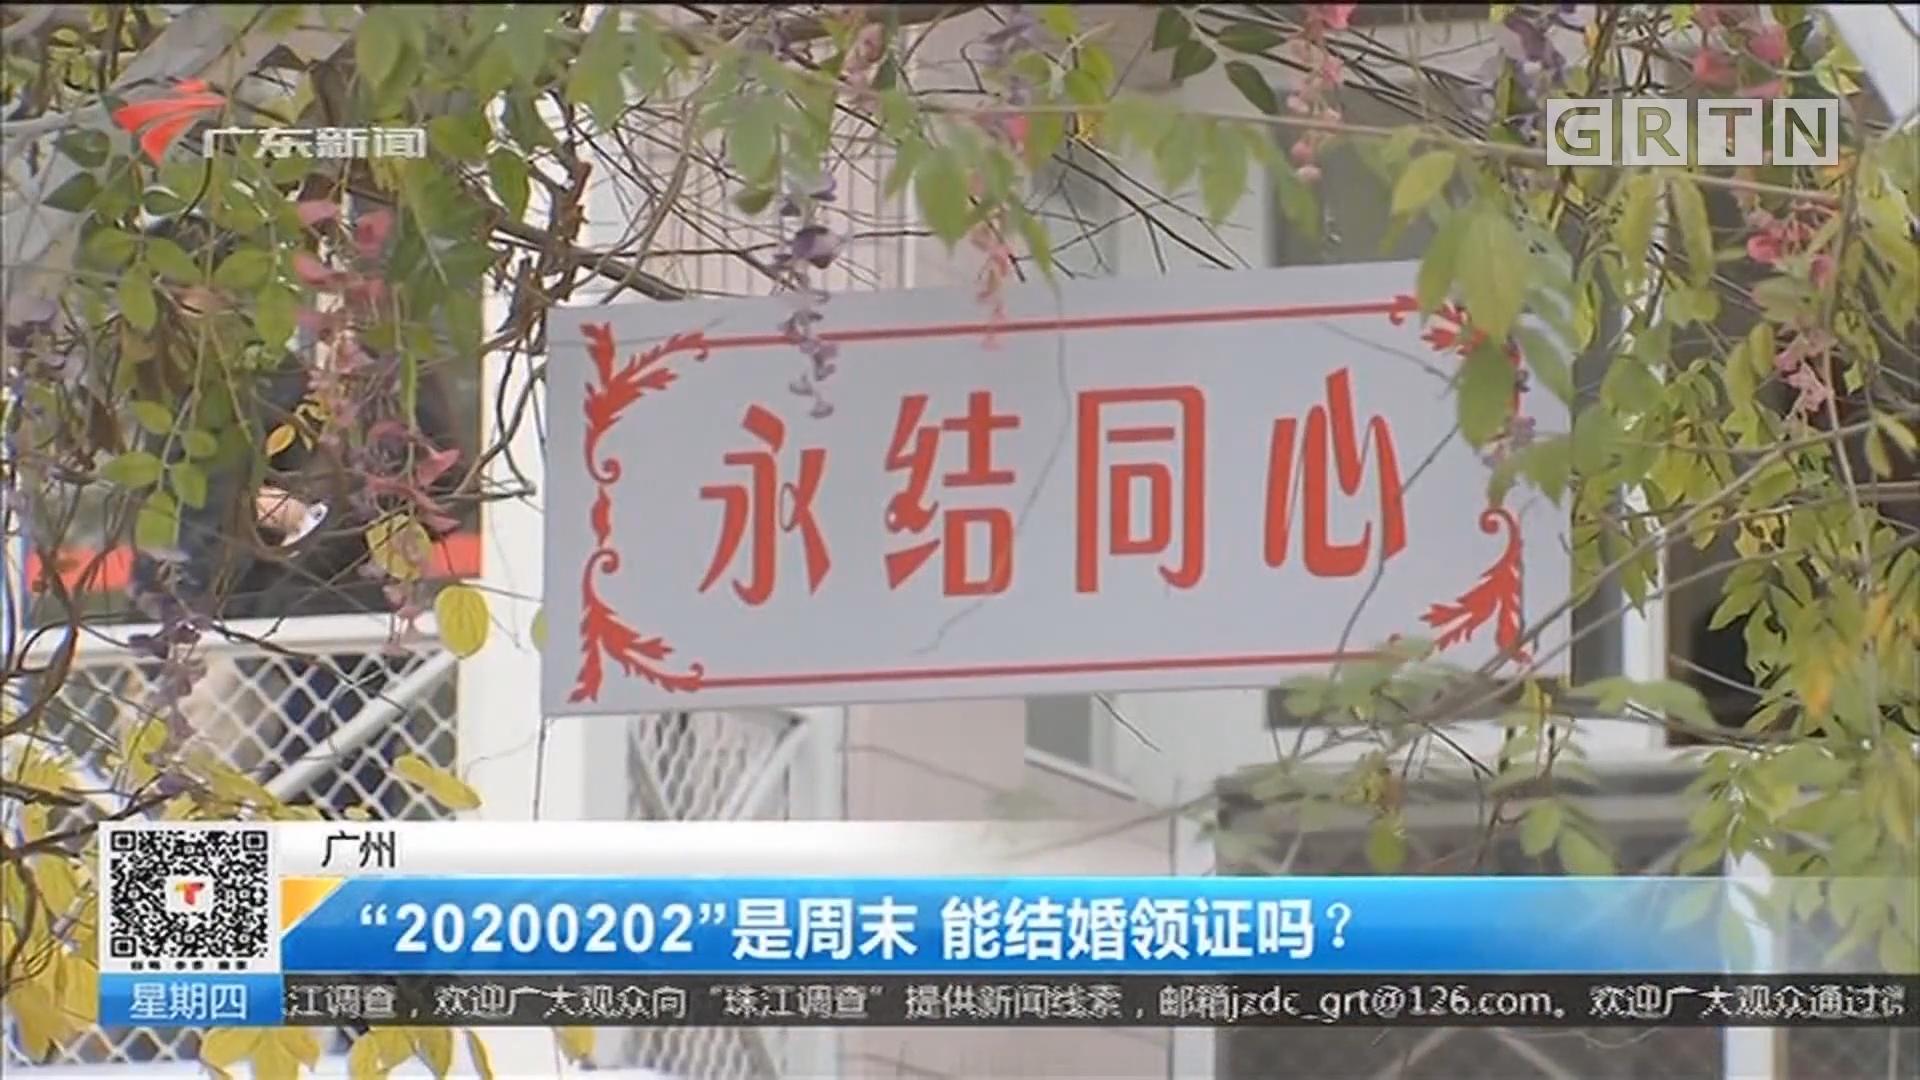 """广州 """"20200202""""是周末 能结婚领证吗?"""